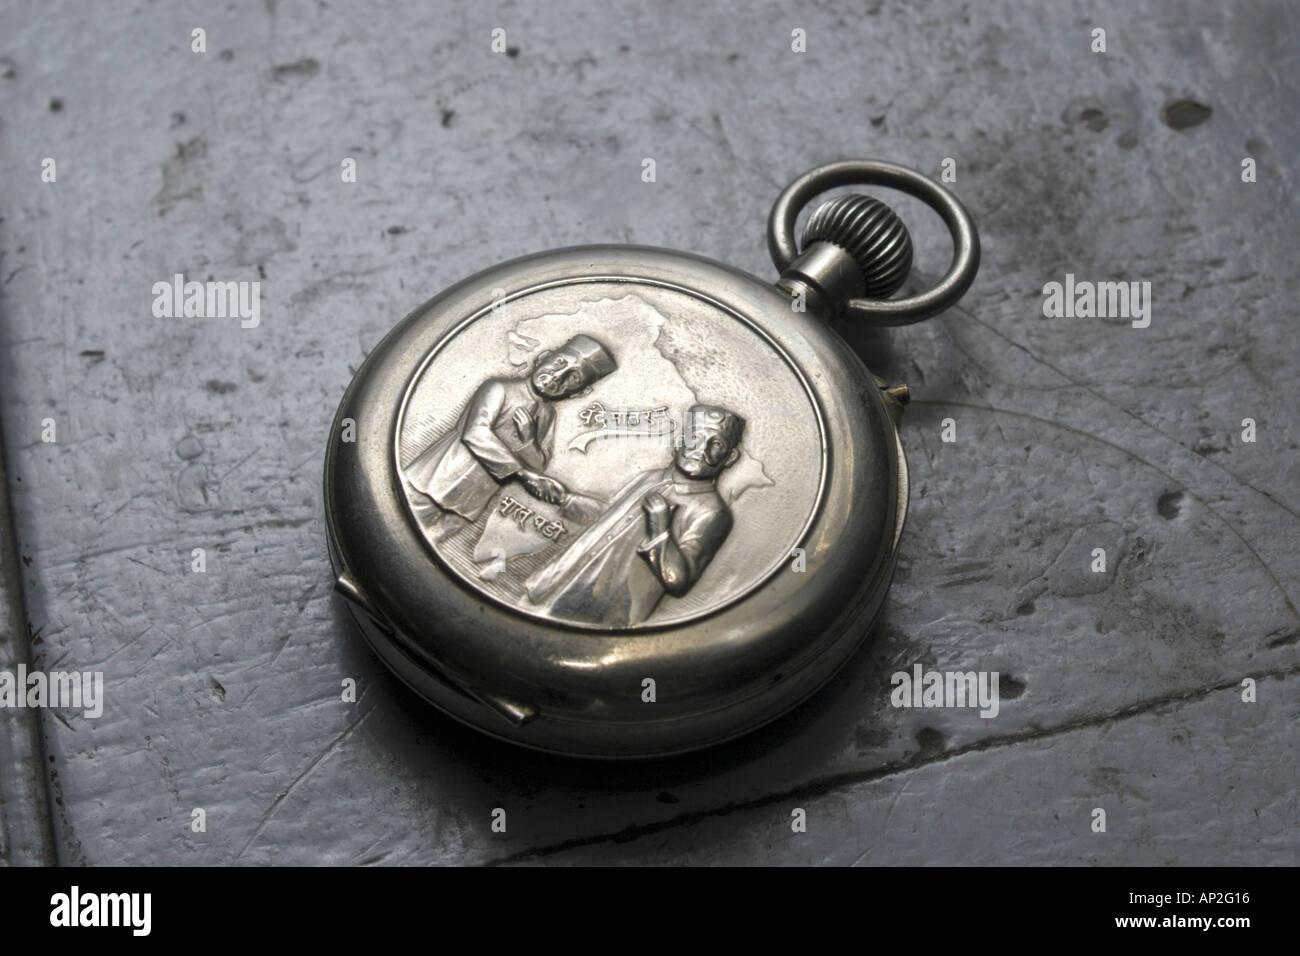 AAD72263 Offerte del Congresso Nazionale Indiano leader pocket watch denominato Bharat Ghadi Immagini Stock